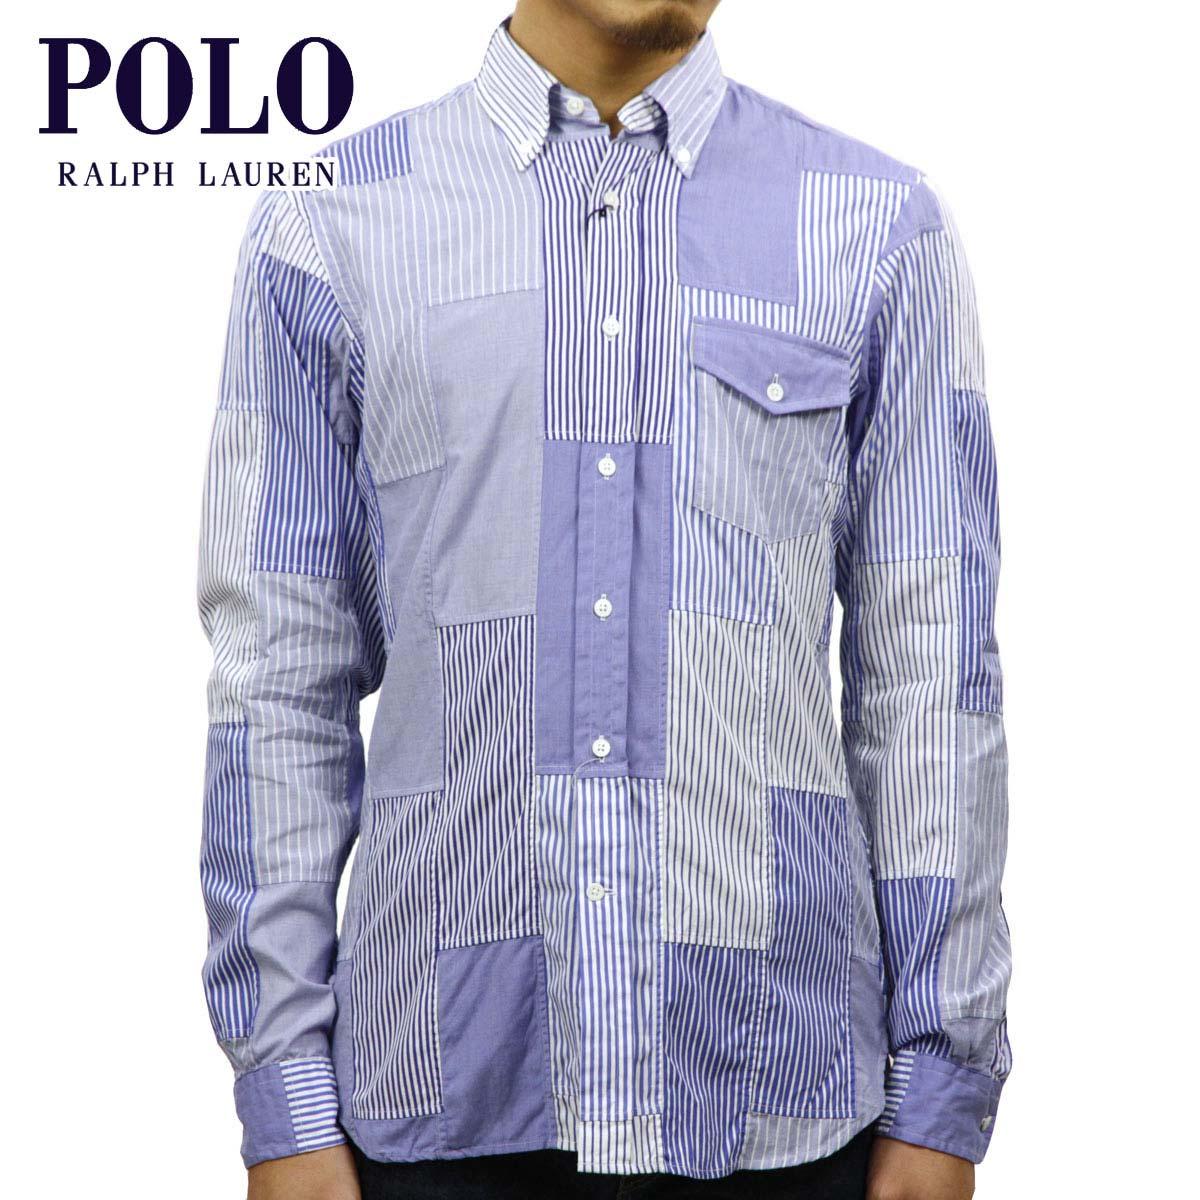 ポロ ラルフローレン POLO RALPH LAUREN 正規品 メンズ パッチワーク 長袖ボタンダウンシャツ CLASSIC FIT MADRAS PATCHWORK FUN SHIRT BLUE